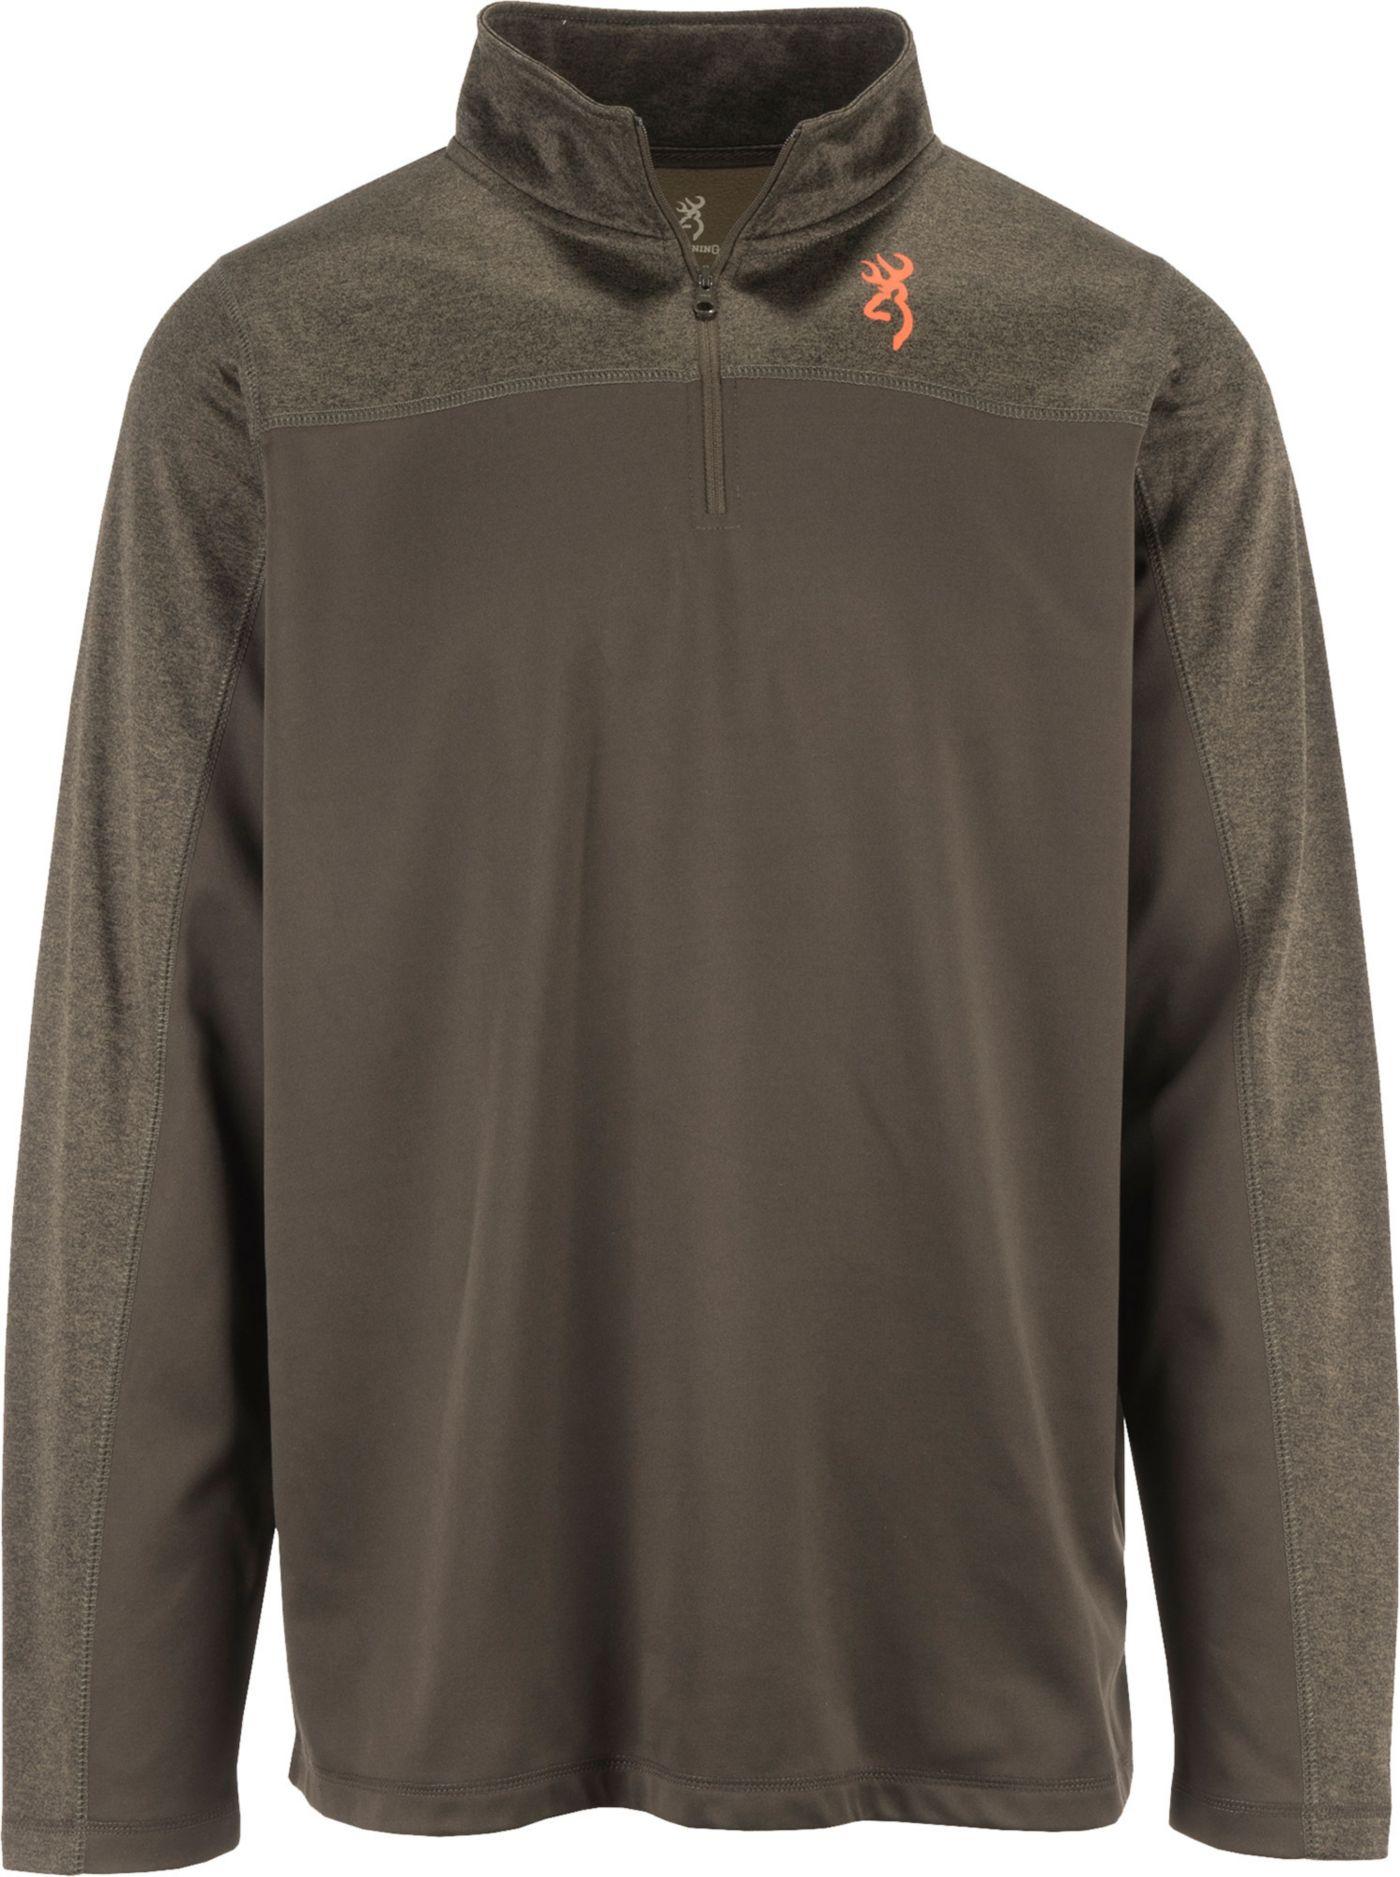 Browning Men's Milo Quarter-Zip Fleece Pullover Shirt